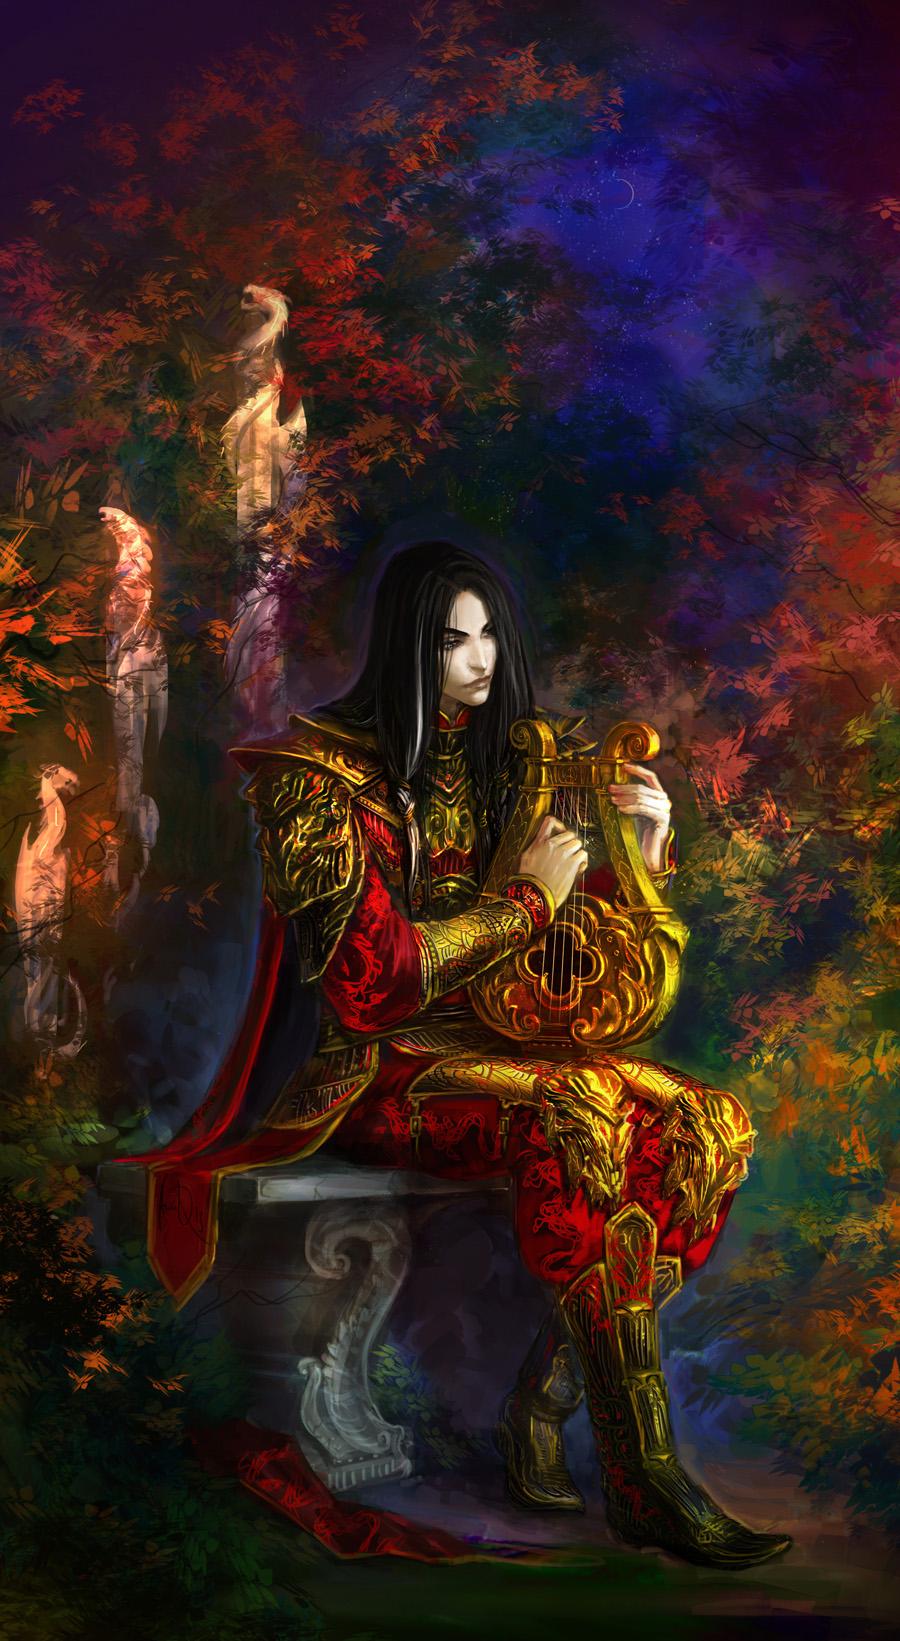 http://fc00.deviantart.net/fs70/f/2013/337/c/3/autumn_knight_by_anndr-d6wkujh.jpg